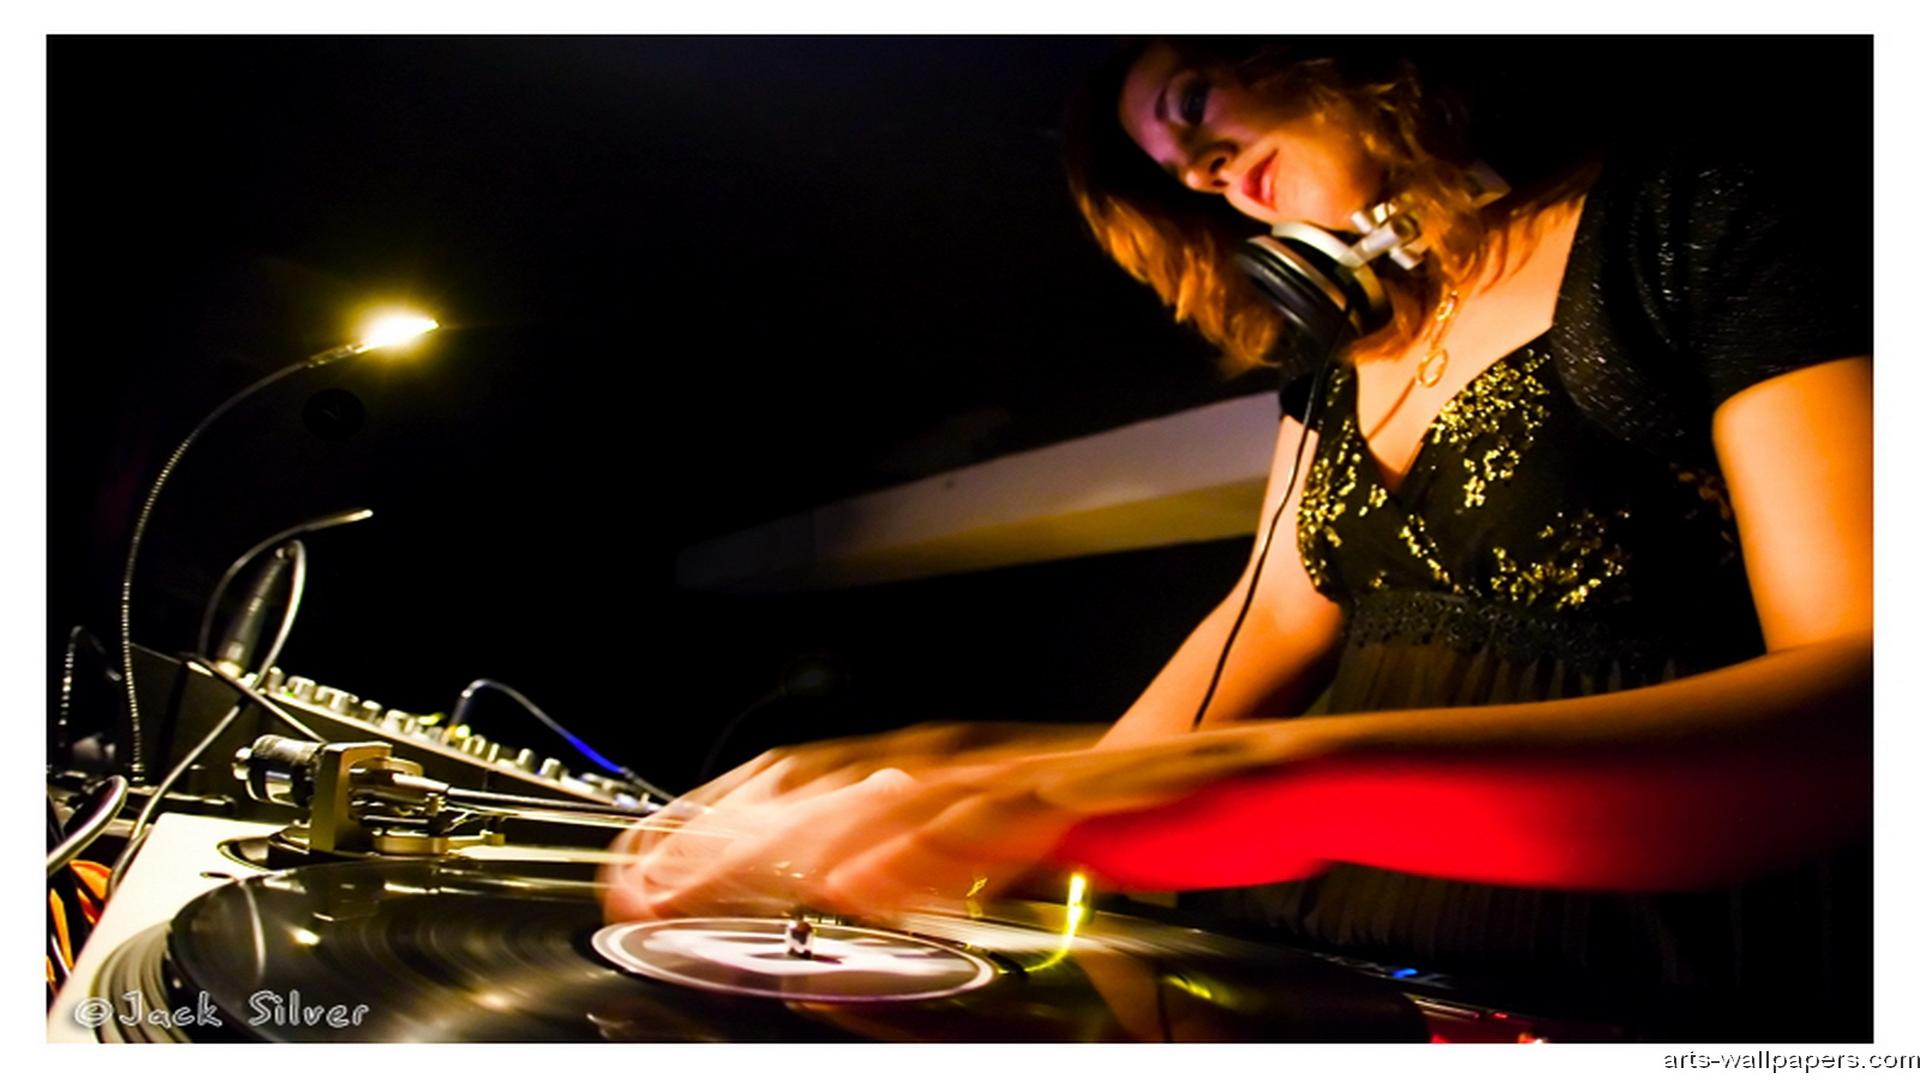 DJ Art Wallpaper 1920x1080